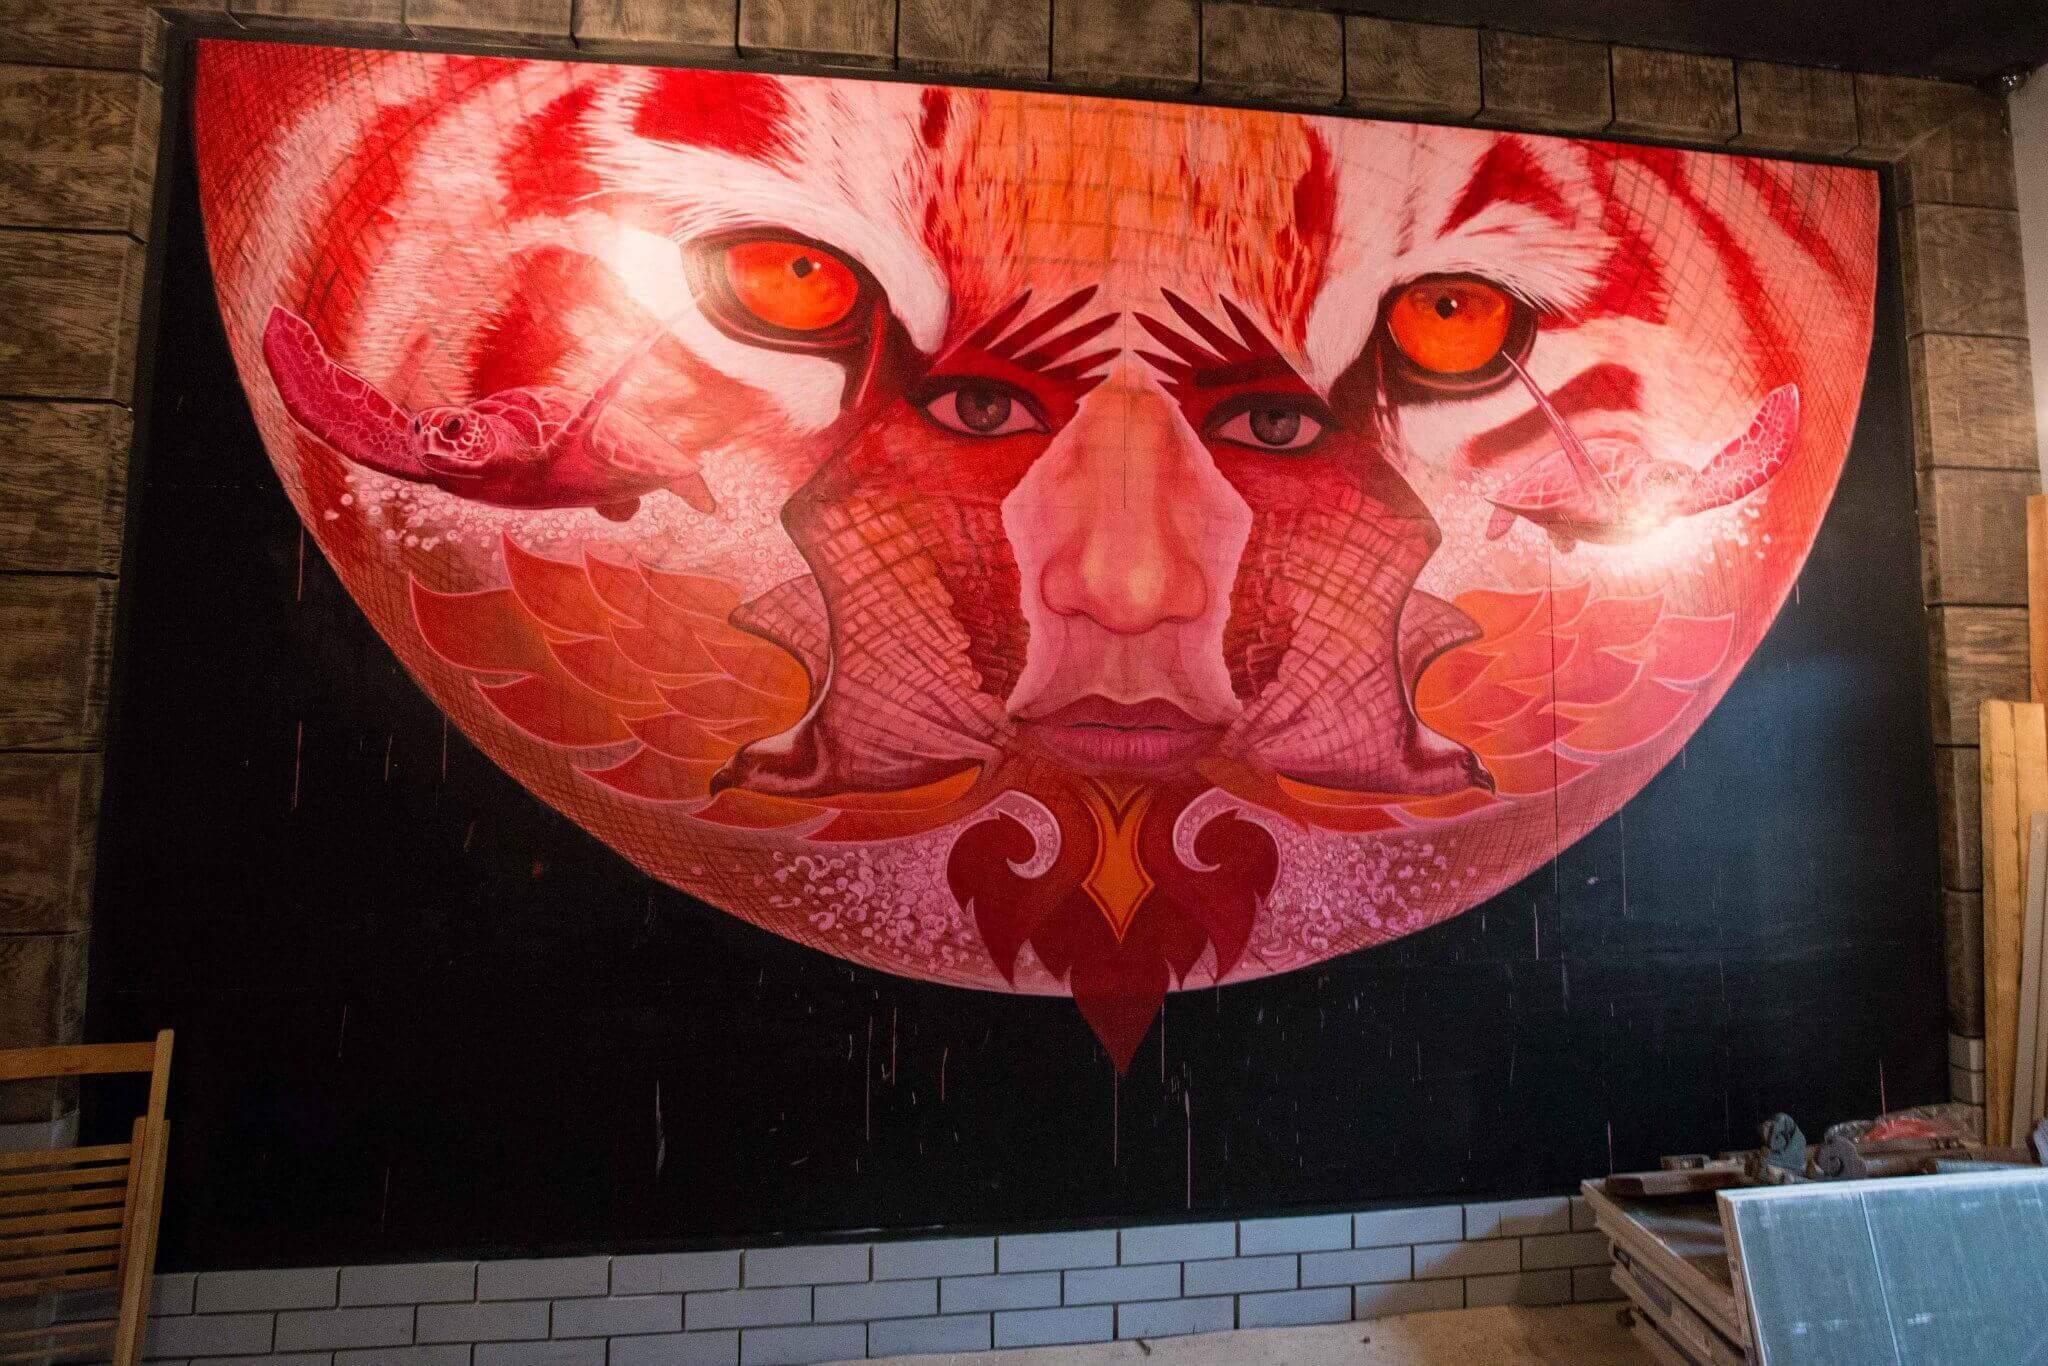 Wolf Eyes Mural by Marc Evan